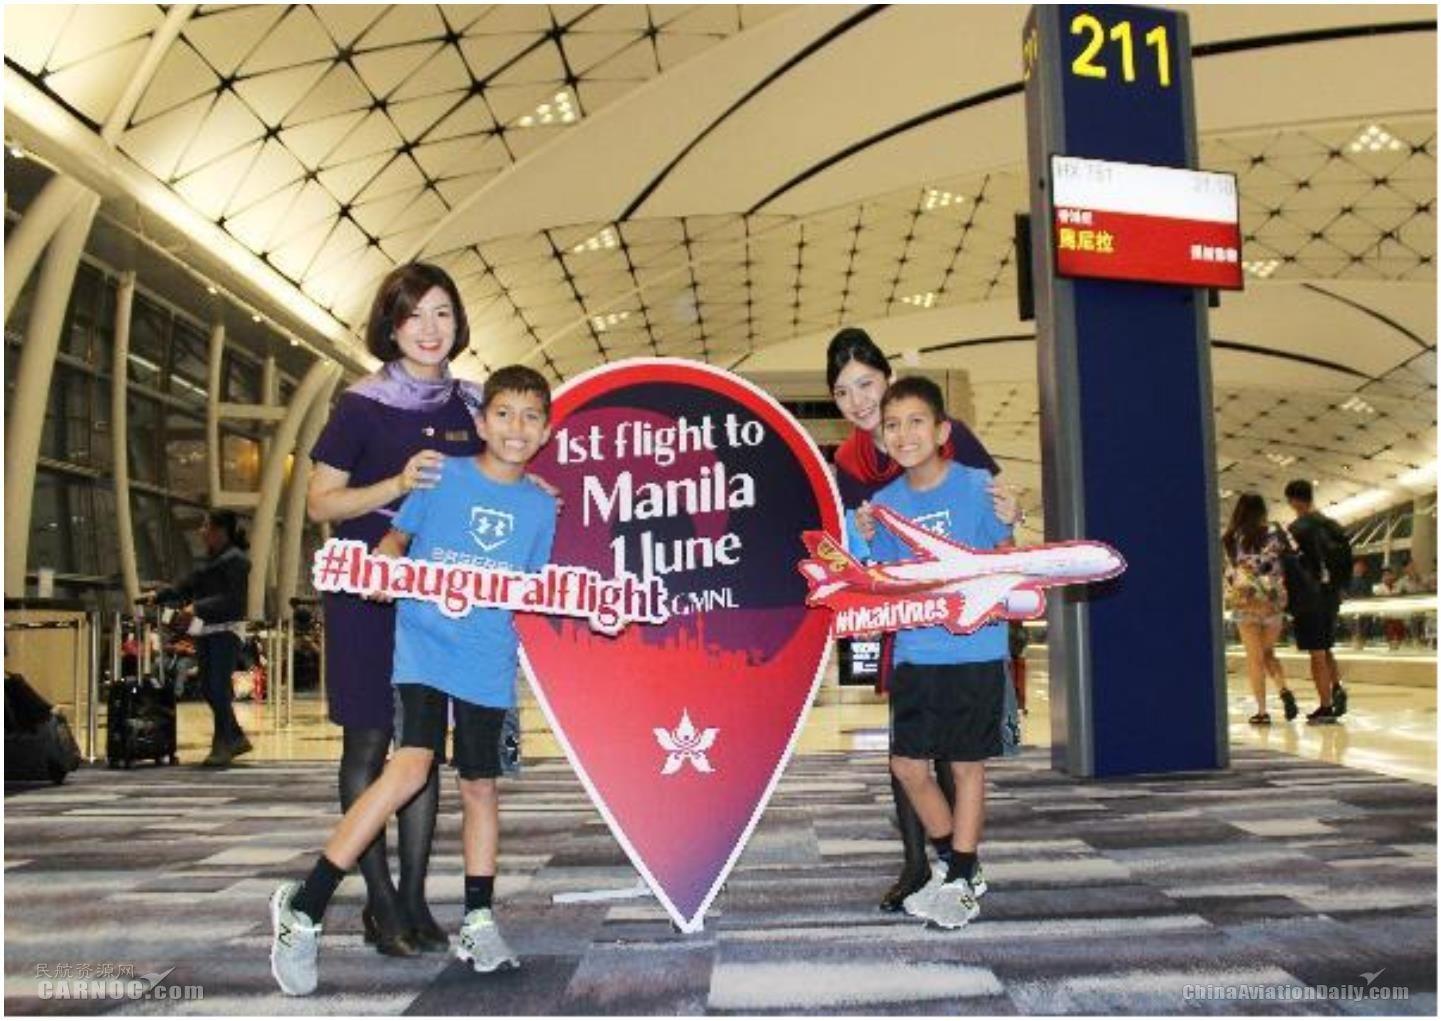 香港航空开通香港—马尼拉航线